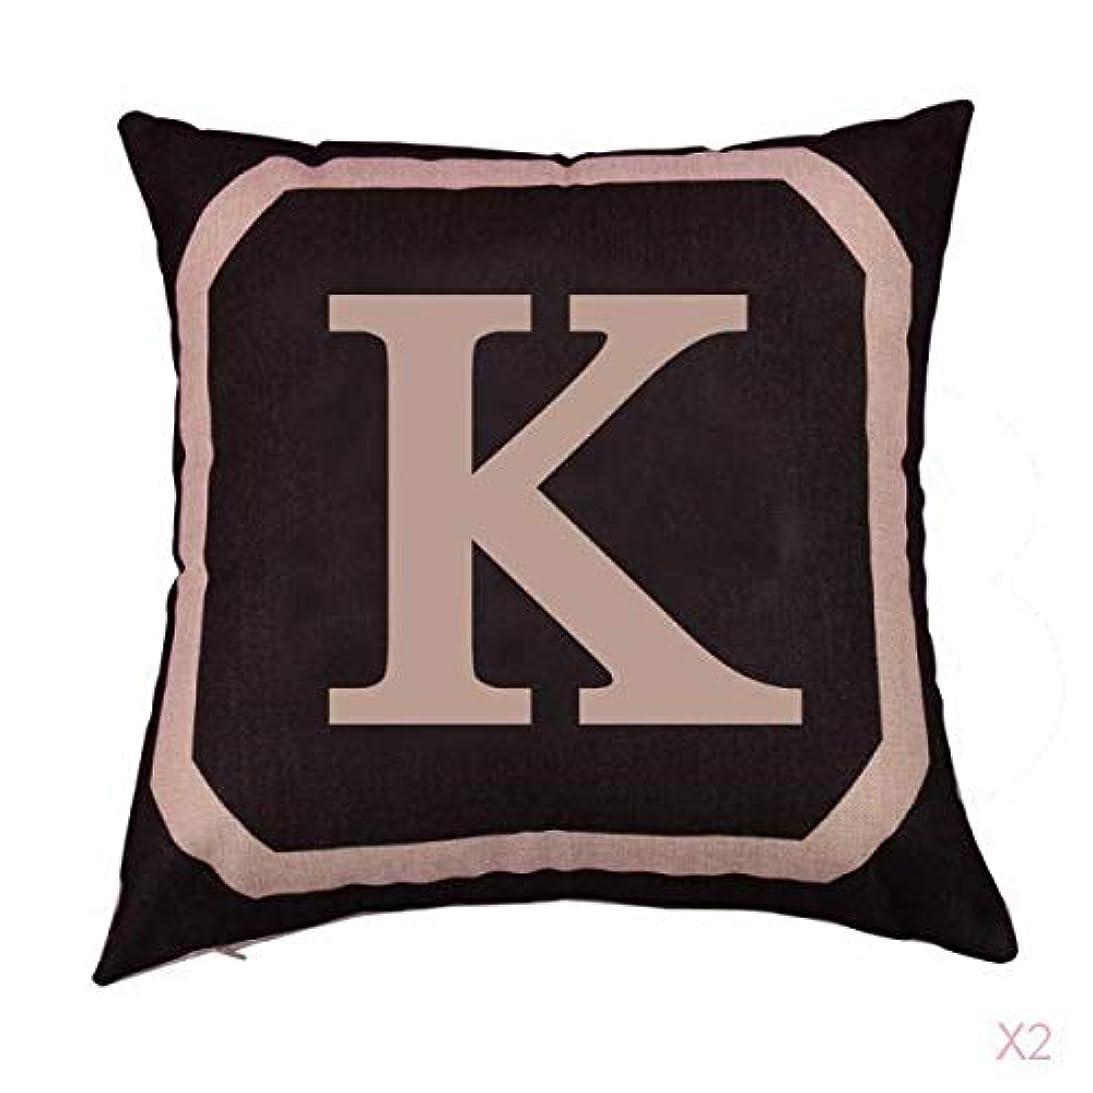 確保する事業勇敢な正方形の綿のリネンスローピローケース腰クッションカバーベッドソファ装飾kを